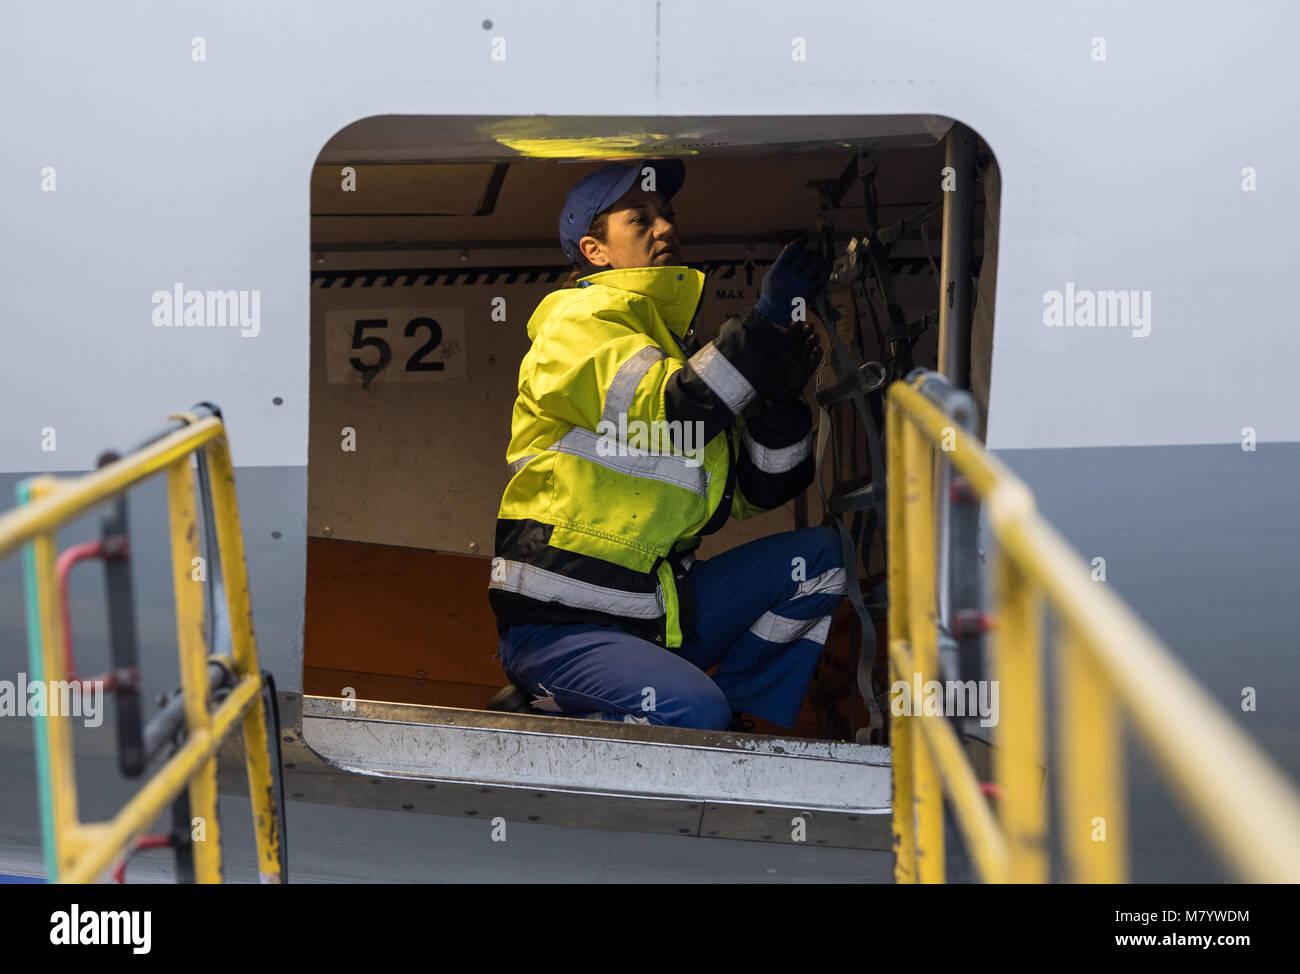 08 marzo 2018, Germania, Francoforte: Sevim Sejdijaj, in carica della massa delle operazioni di manipolazione, si Immagini Stock